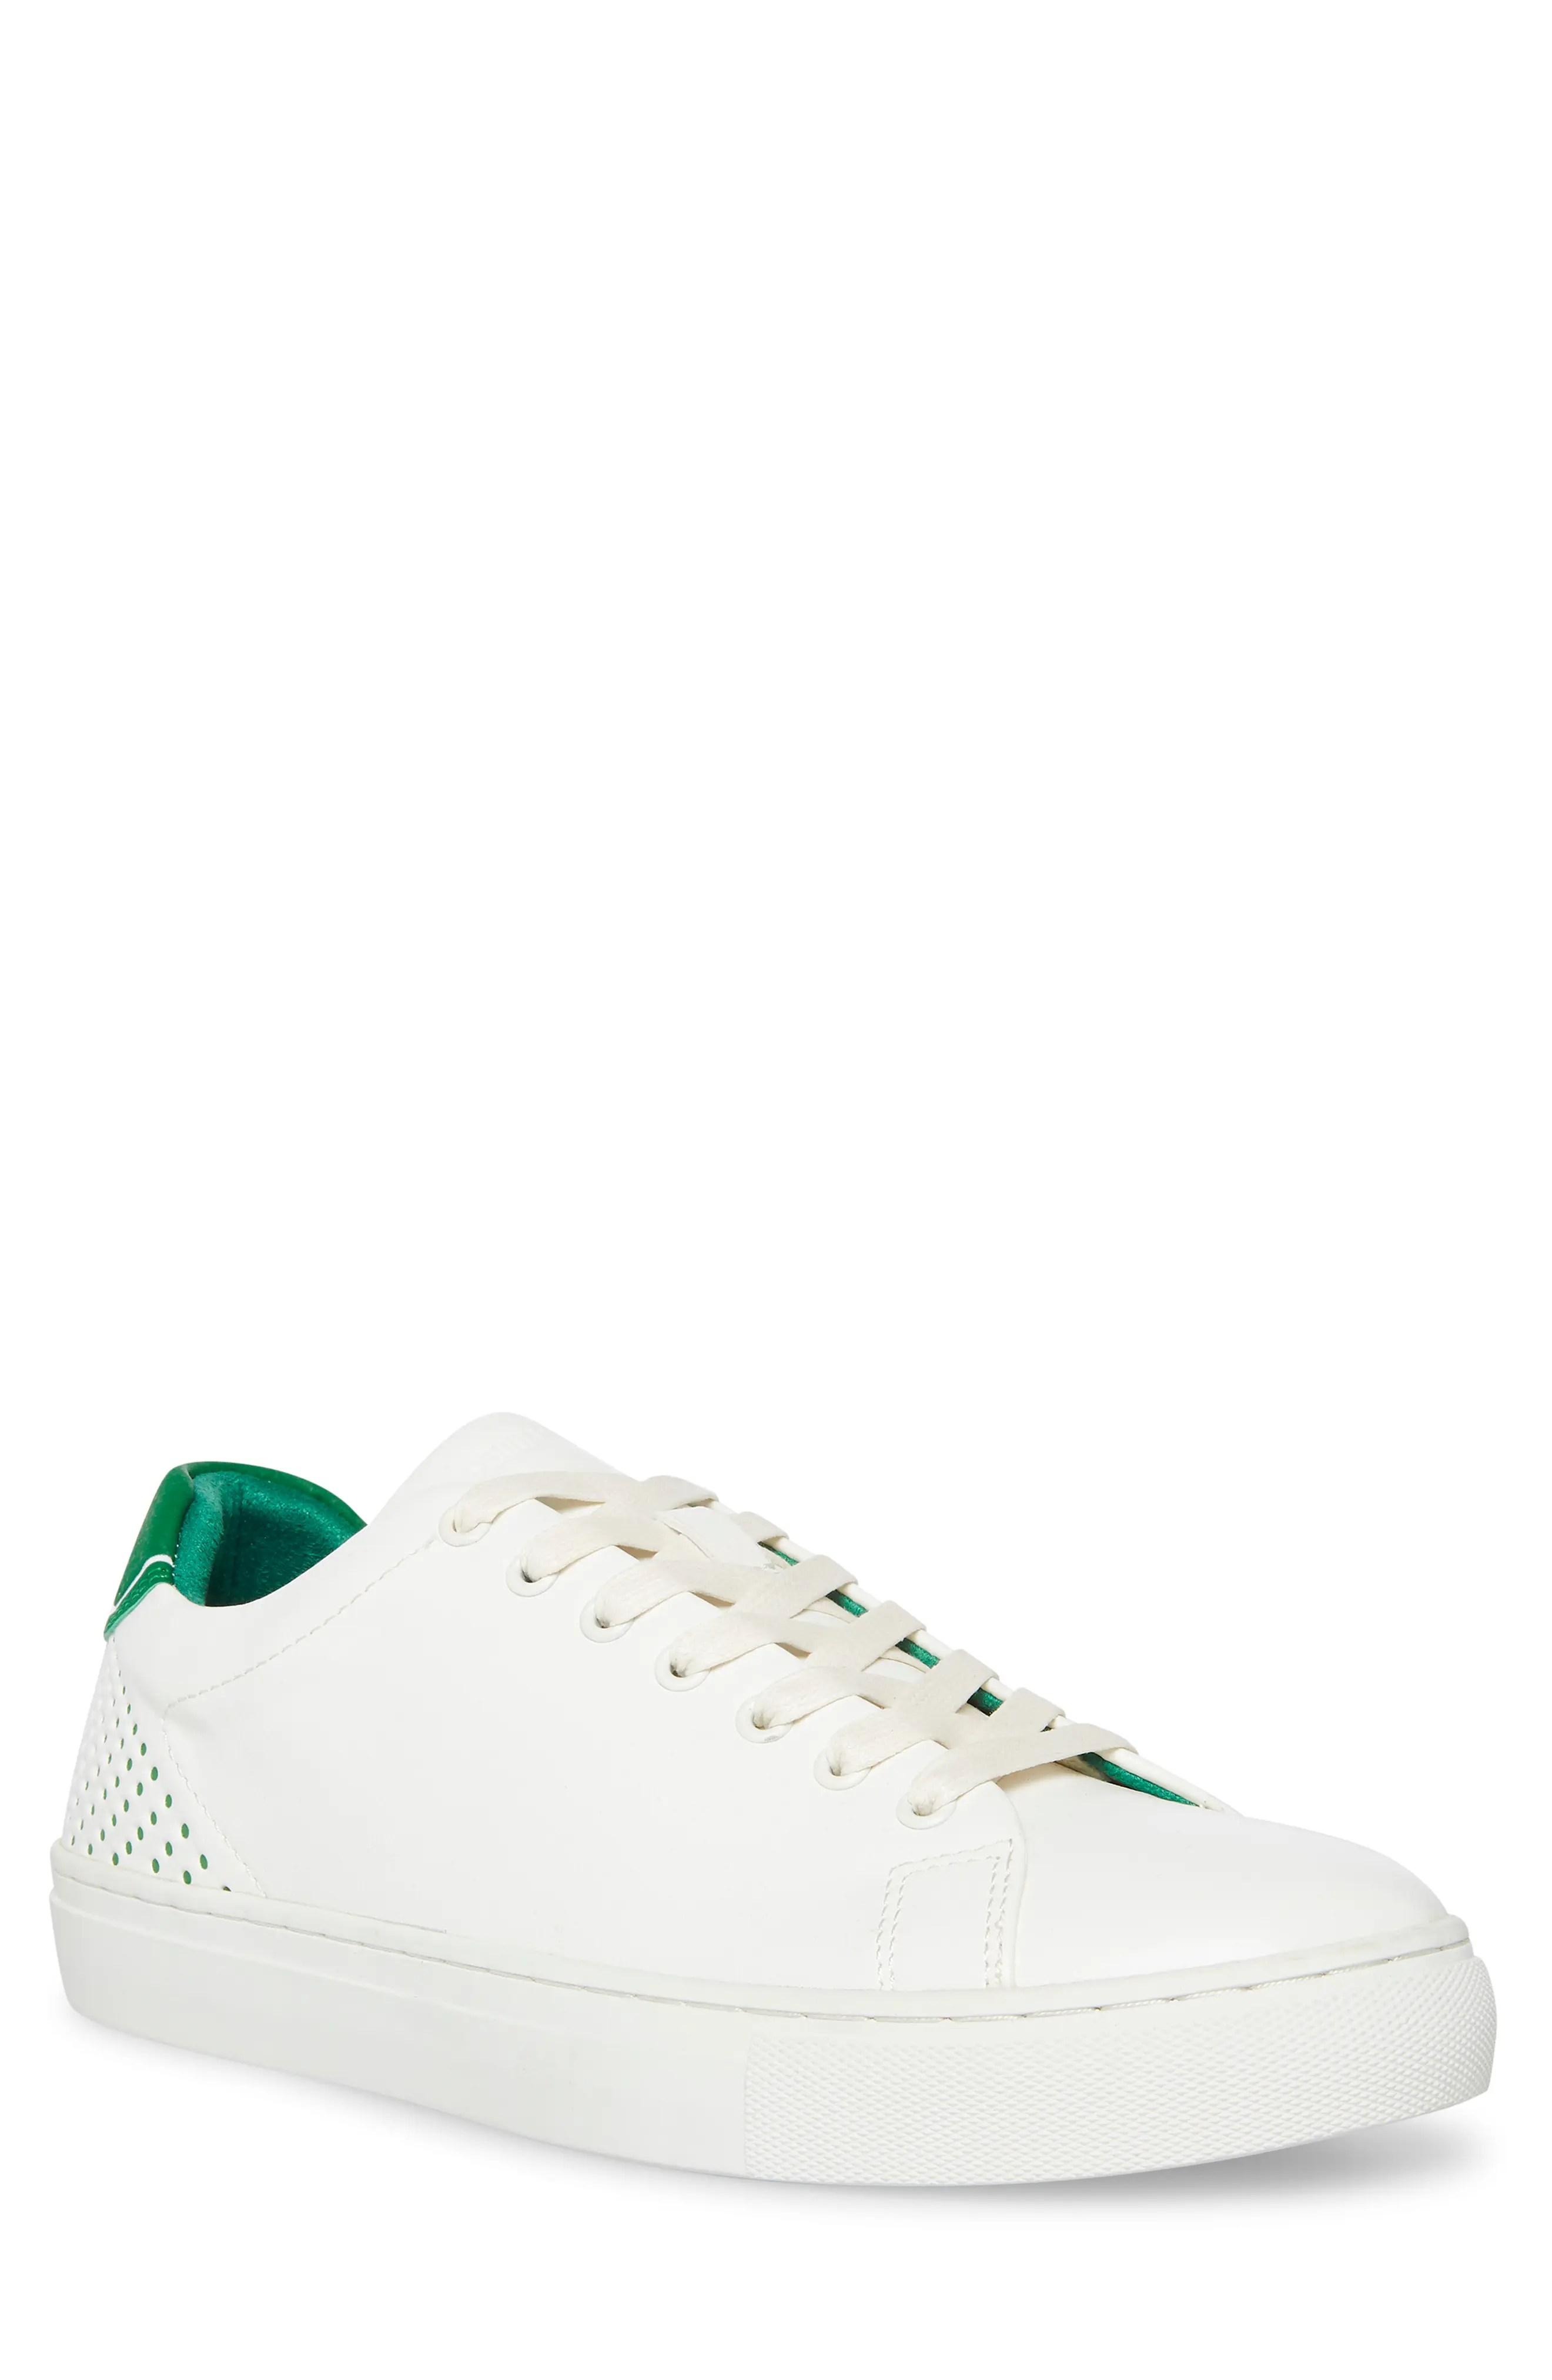 steve madden shoes for men nordstrom rack